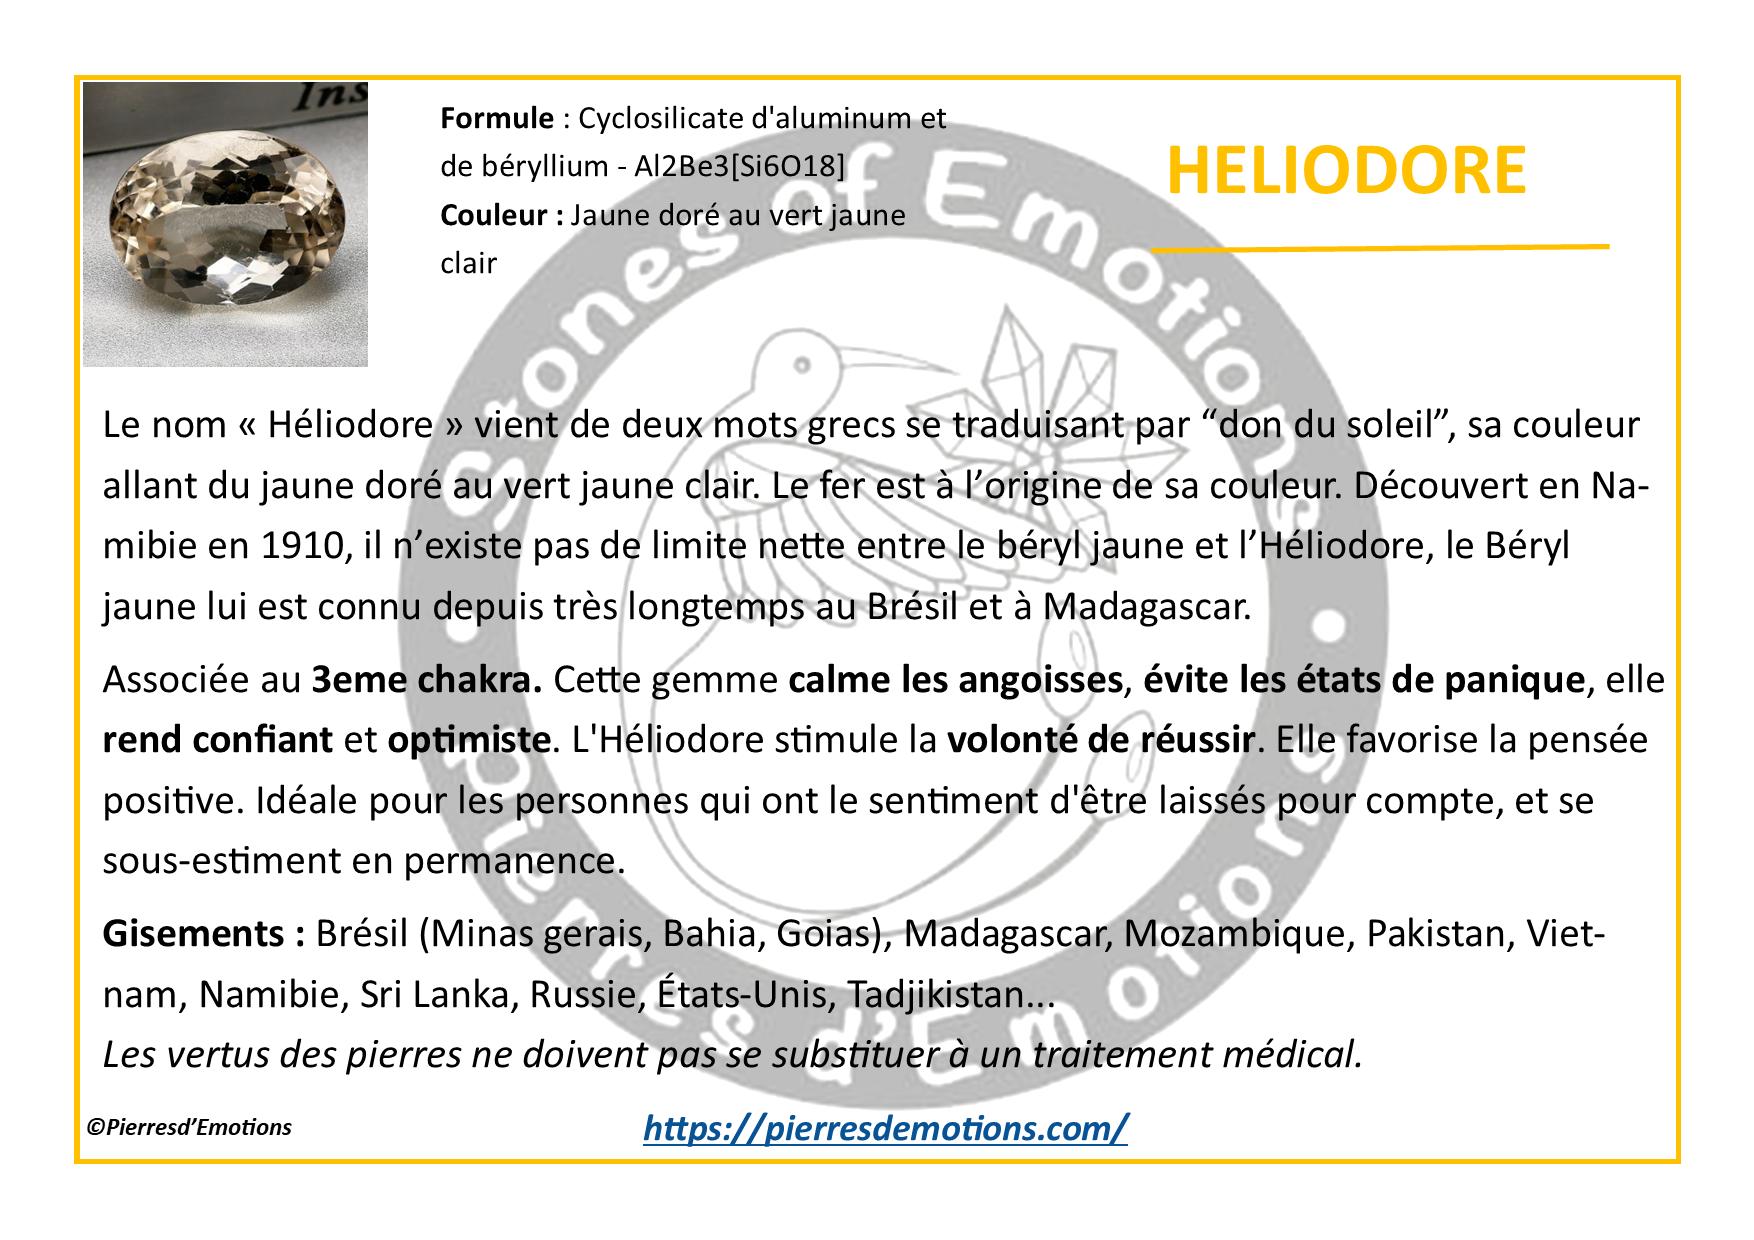 Heliodore